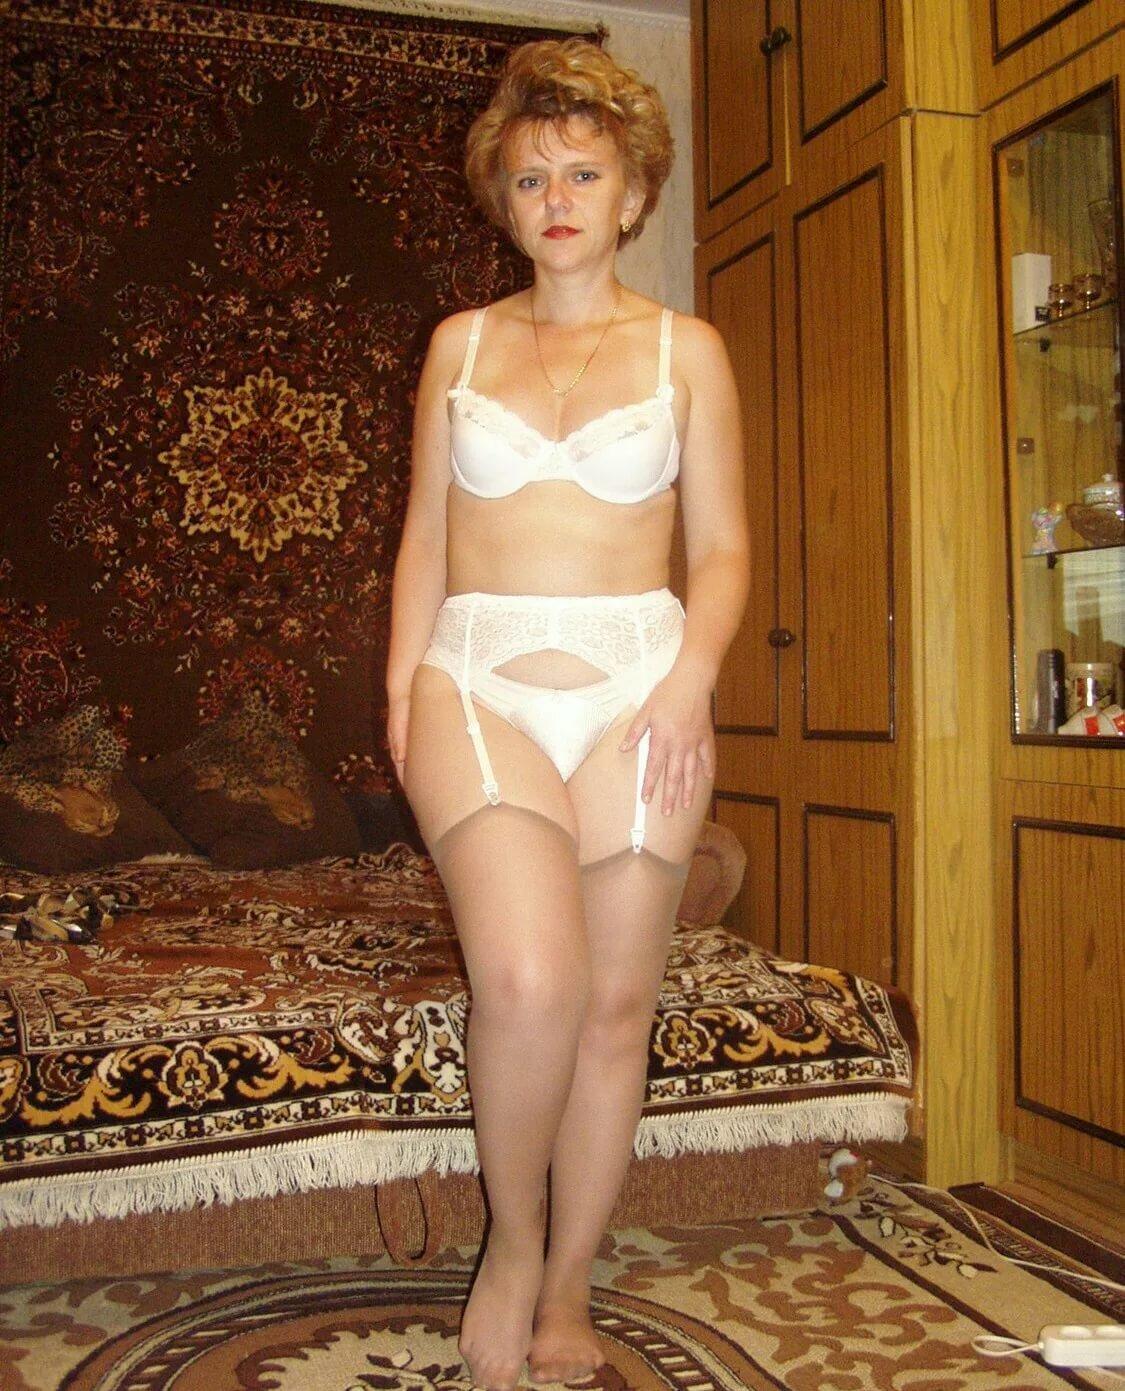 Облегающем пикантные домашние снимки женщин фото изврат